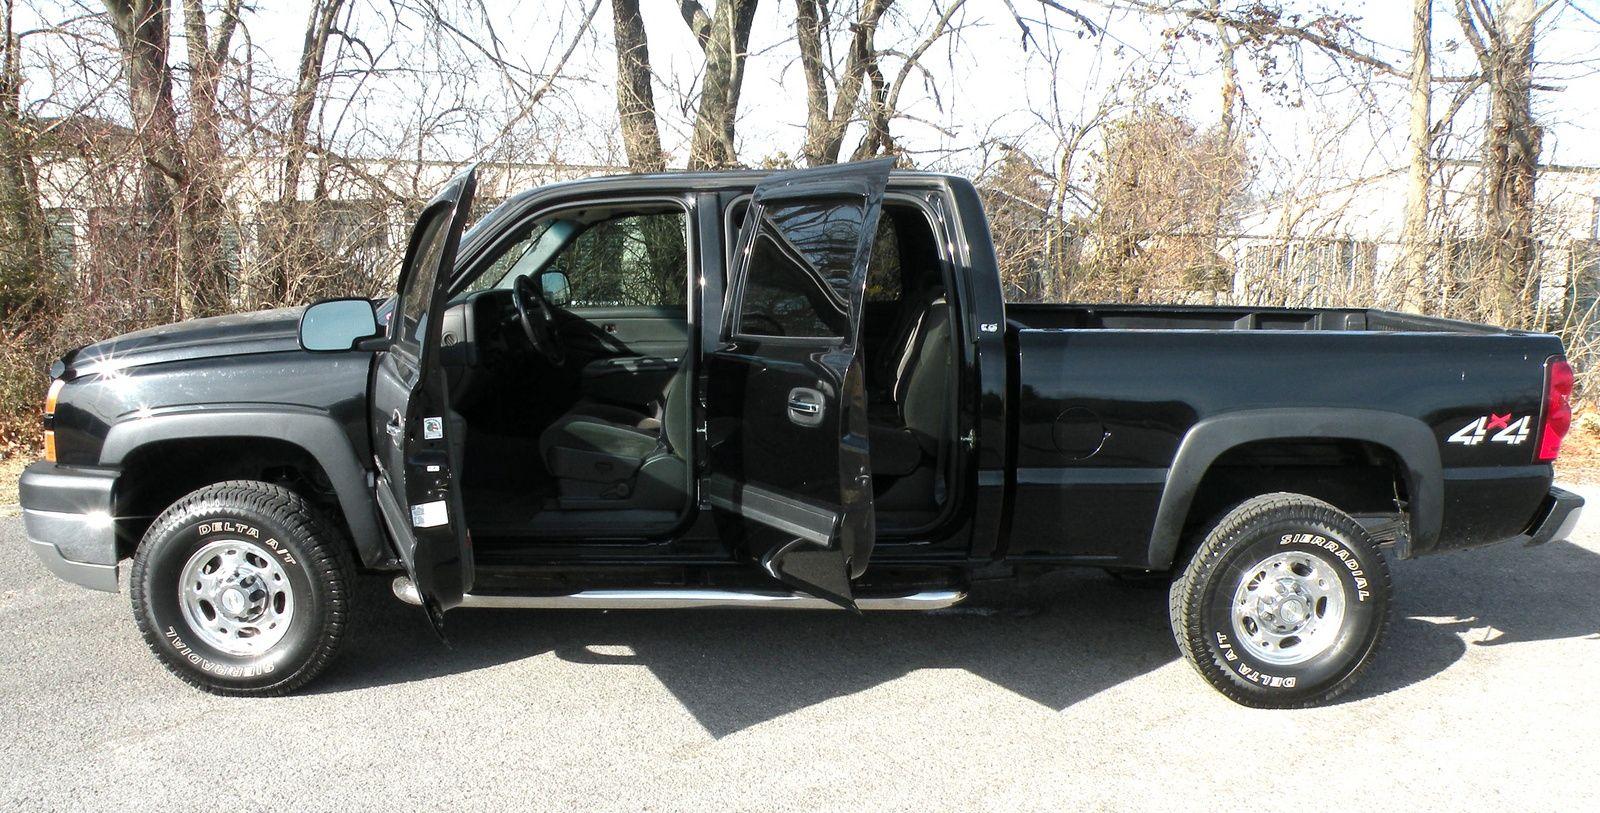 2005 silverado crew cab interior picture of 2005 chevrolet silverado 2500hd 4 dr ls 4wd